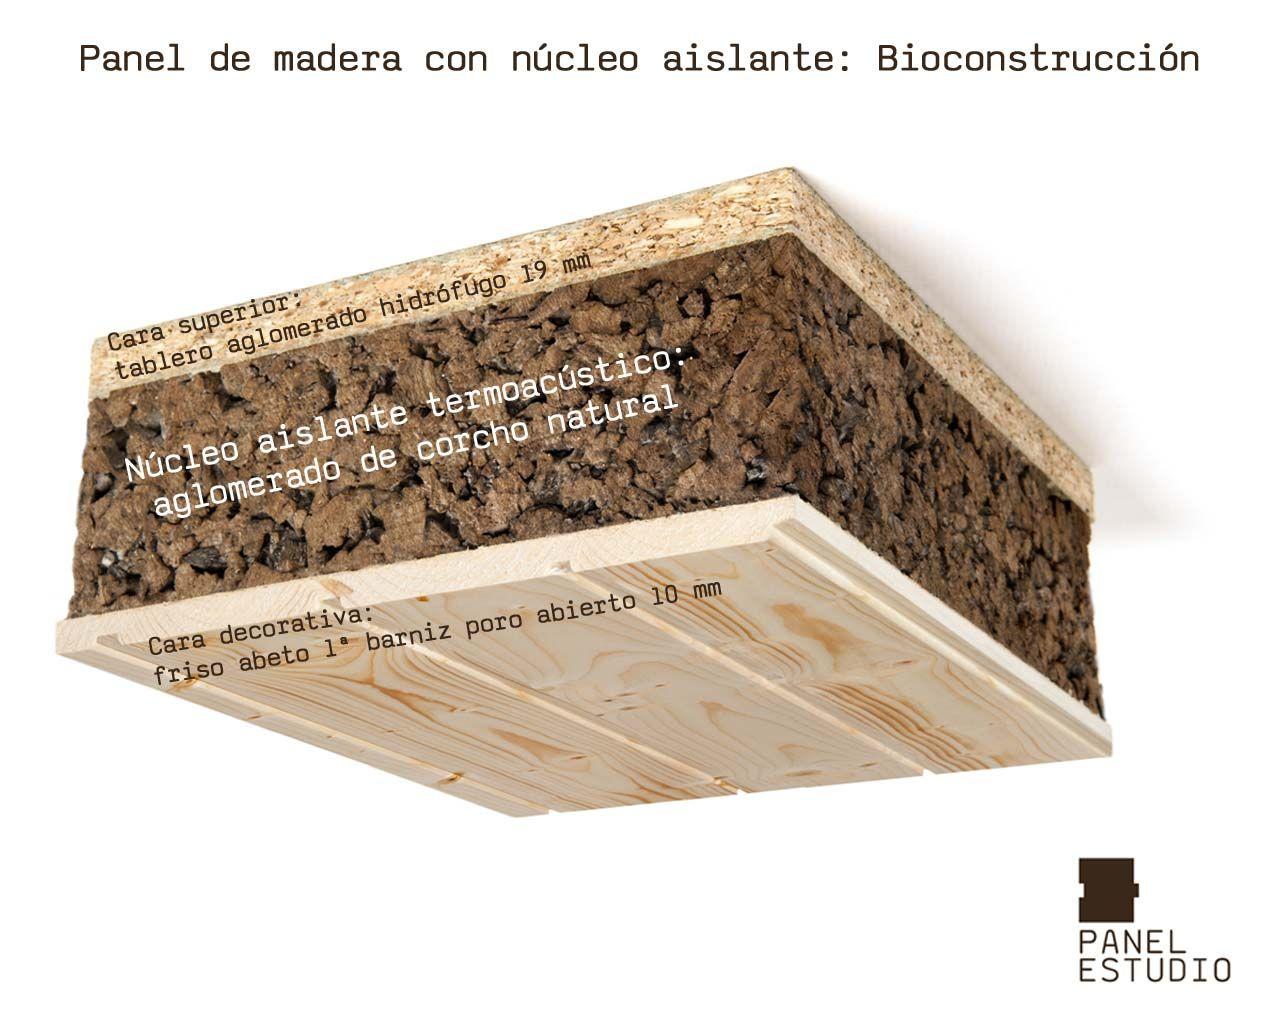 Bioconstrucci n y corcho natural panel de madera con - Corcho aislante termico ...